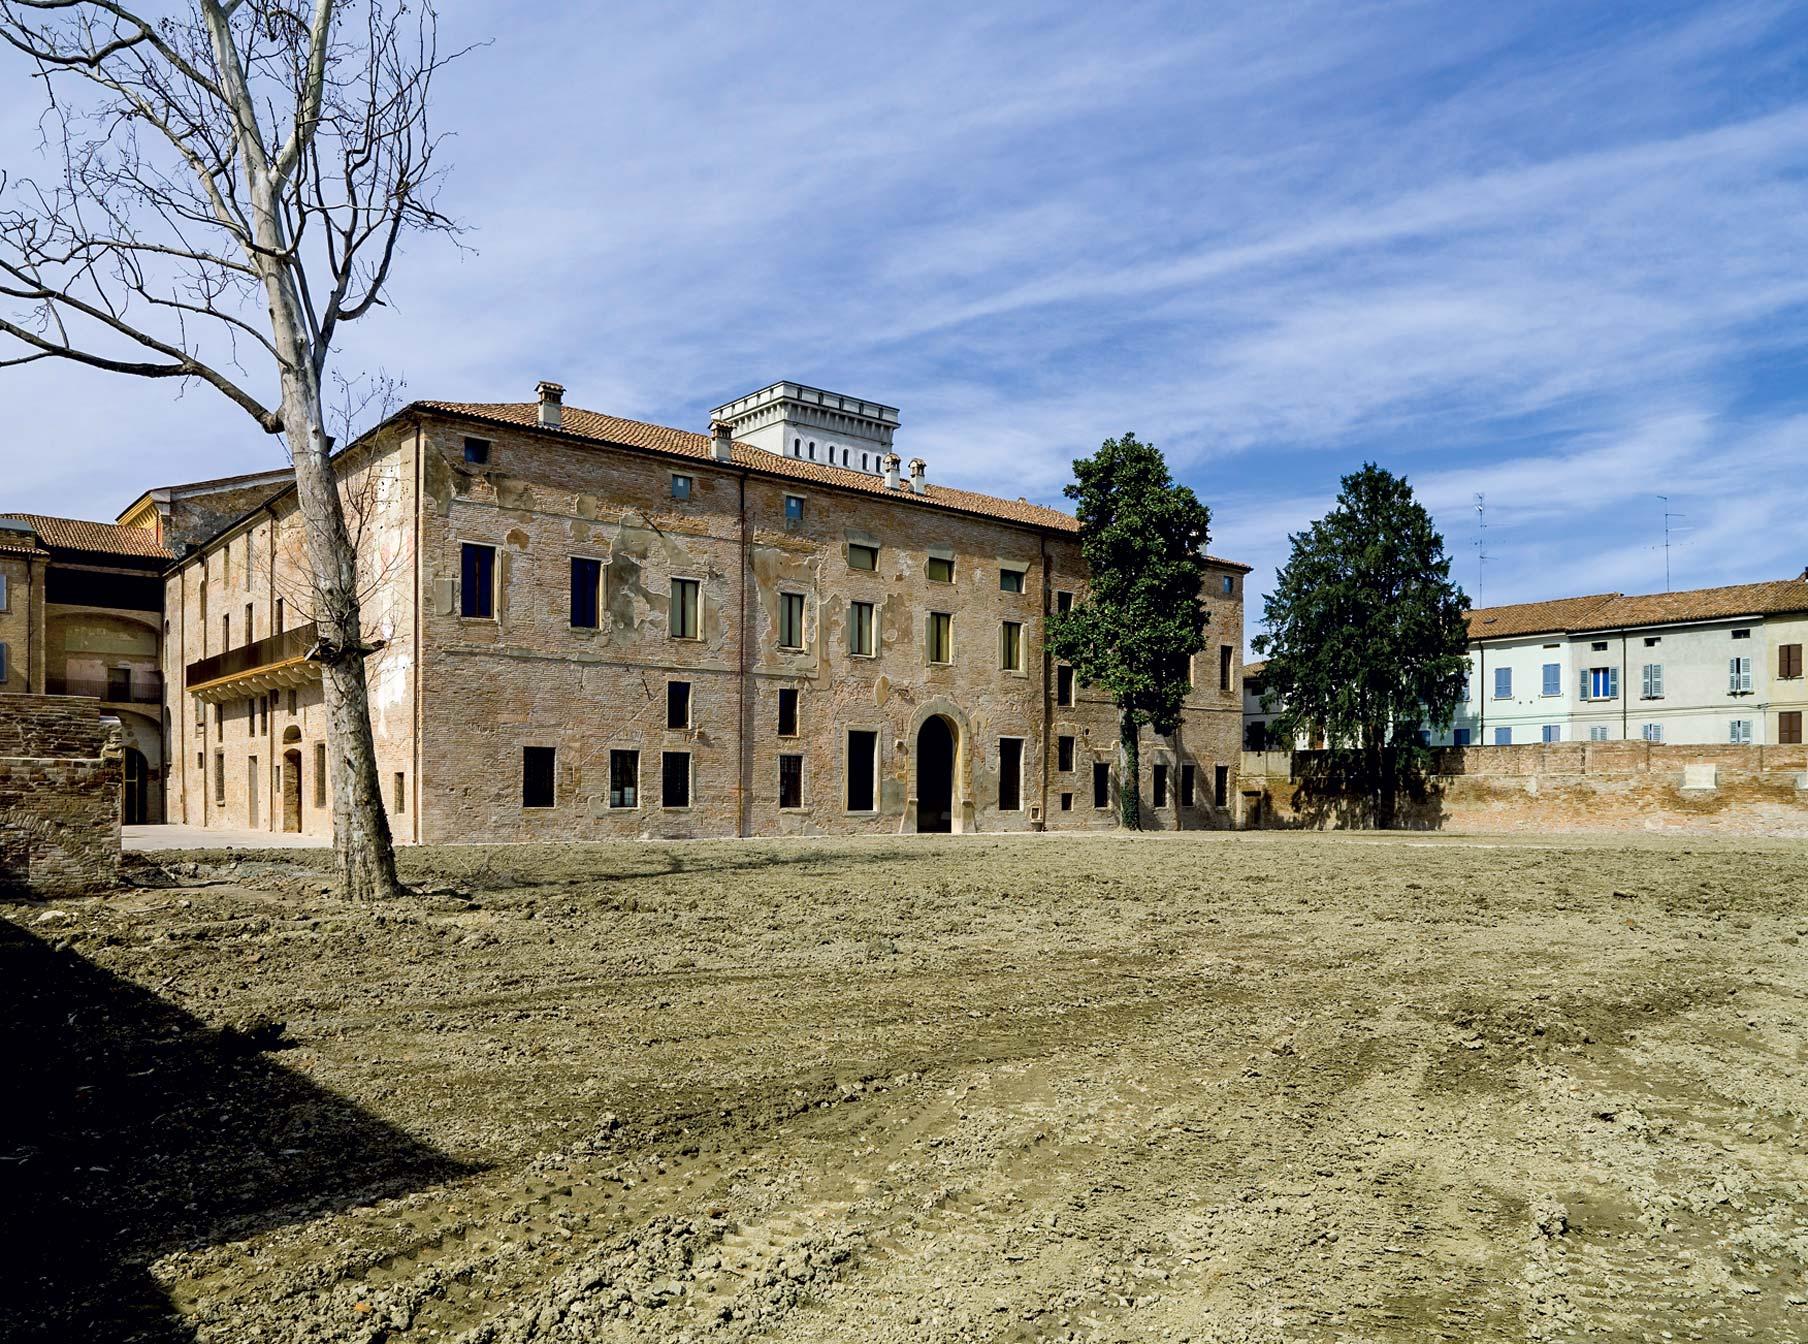 Veduta ripristini palazzo ducale Guastalla